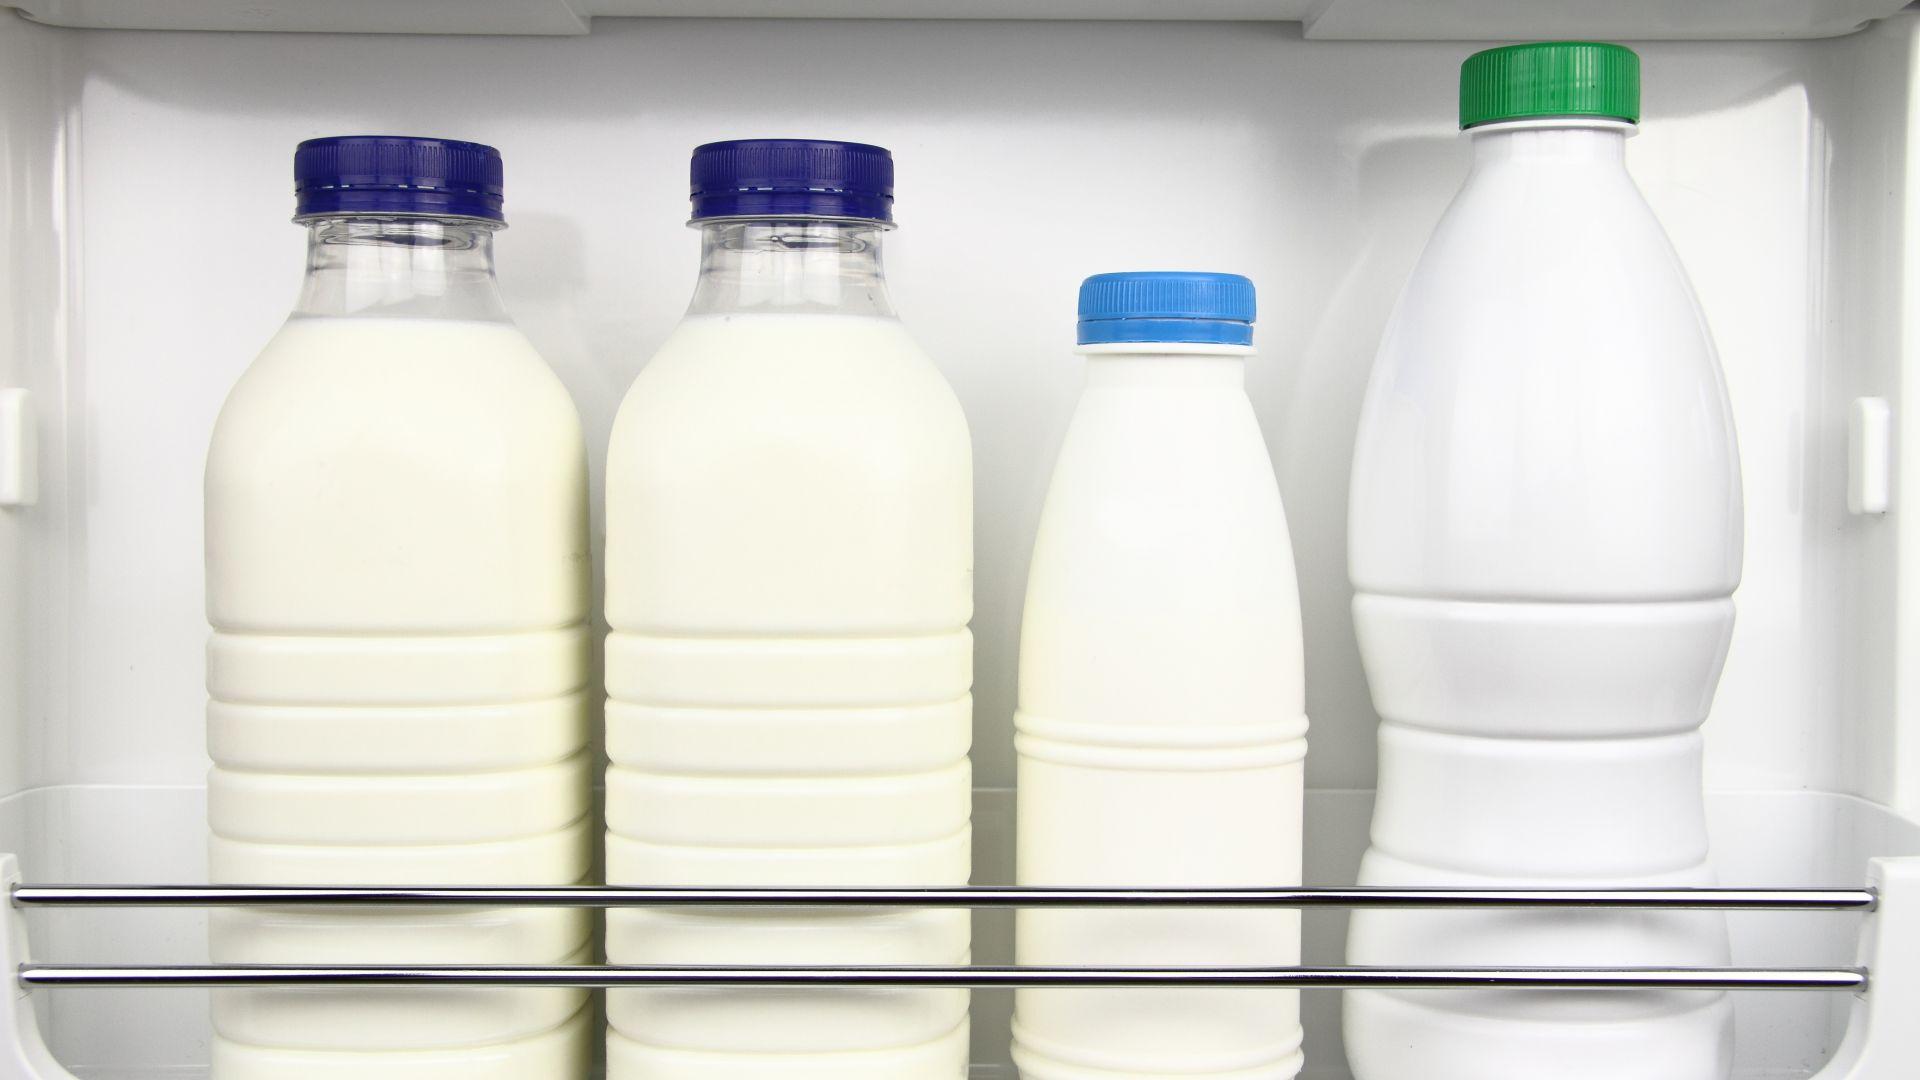 Започват проверки за качеството на млечните продукти по училищните схеми